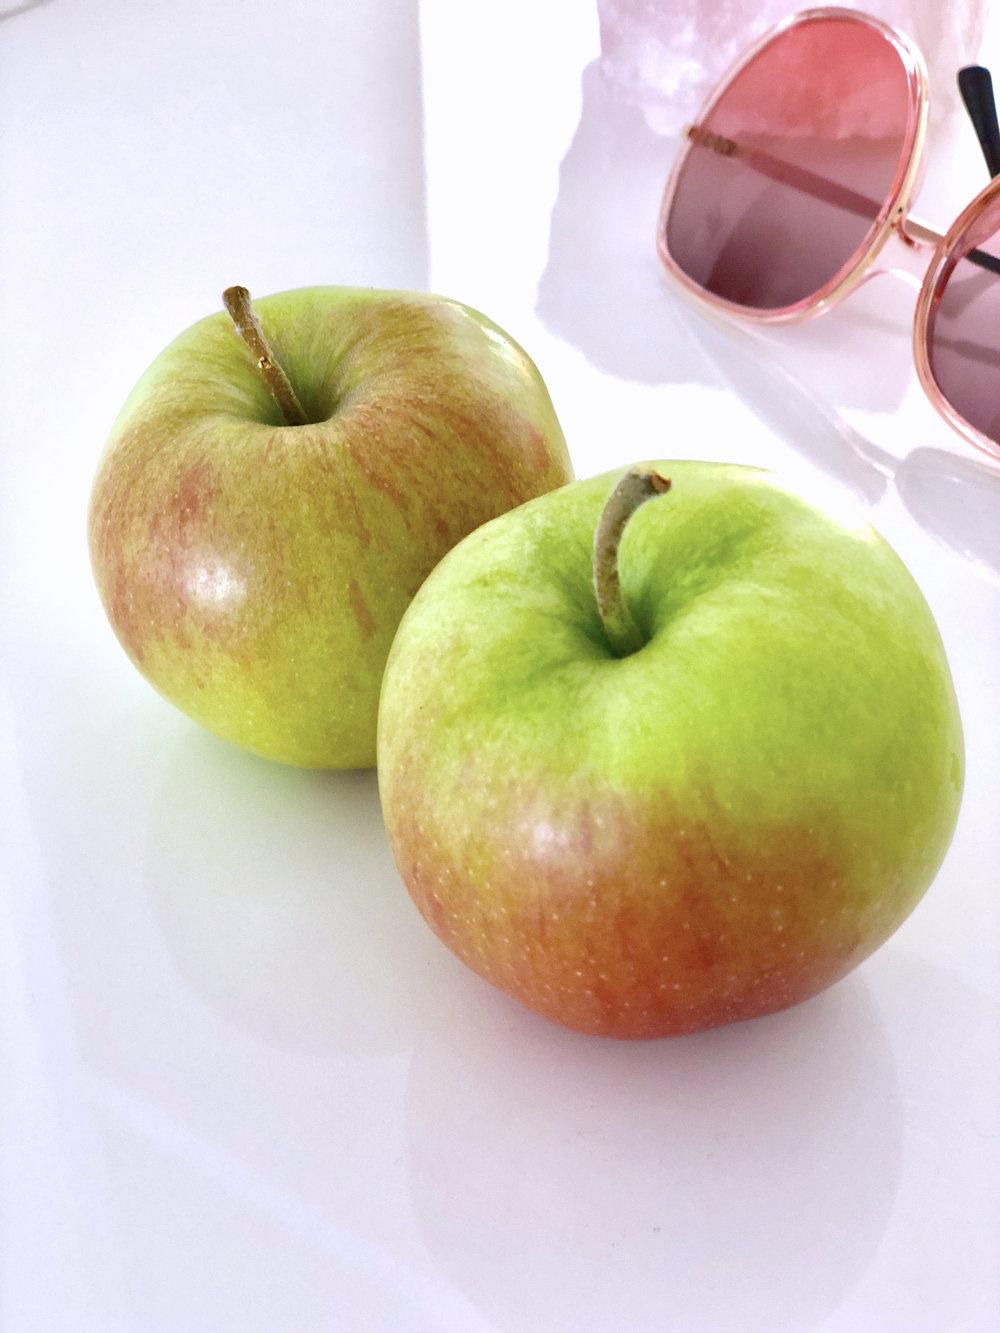 sie-apples.jpg